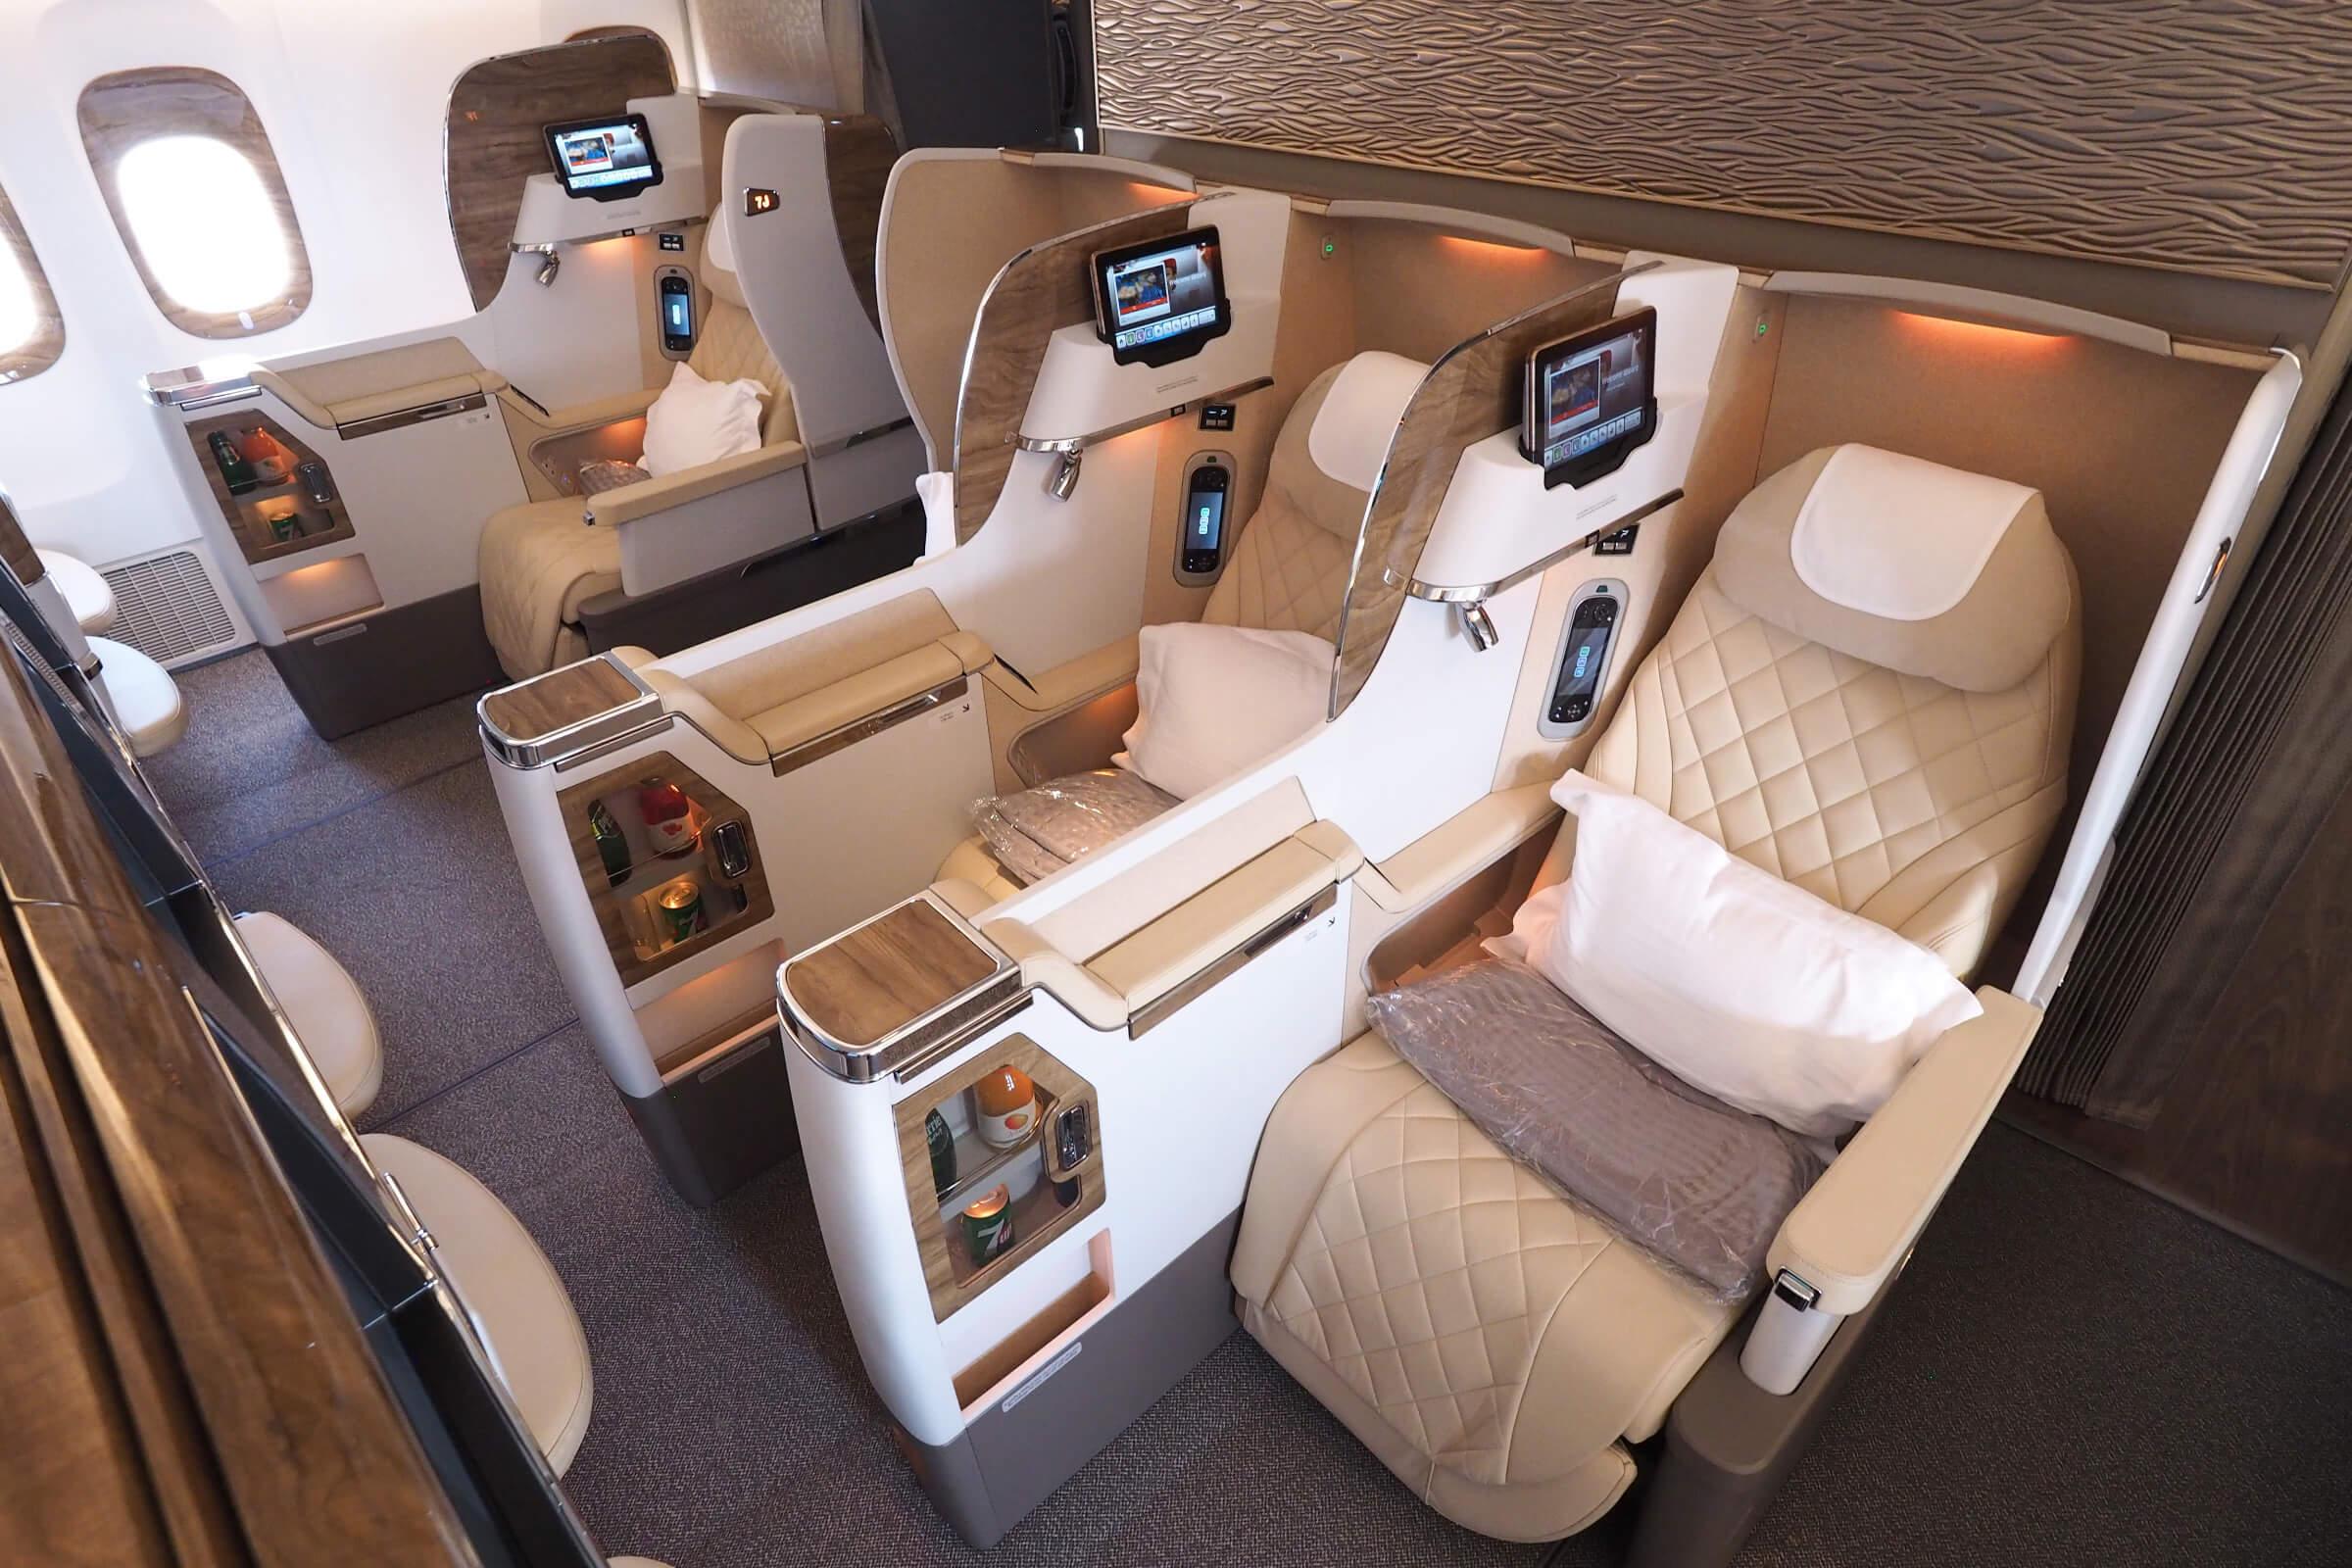 エミレーツ航空(EK)ビジネスクラスの新しい「アラカルト」運賃